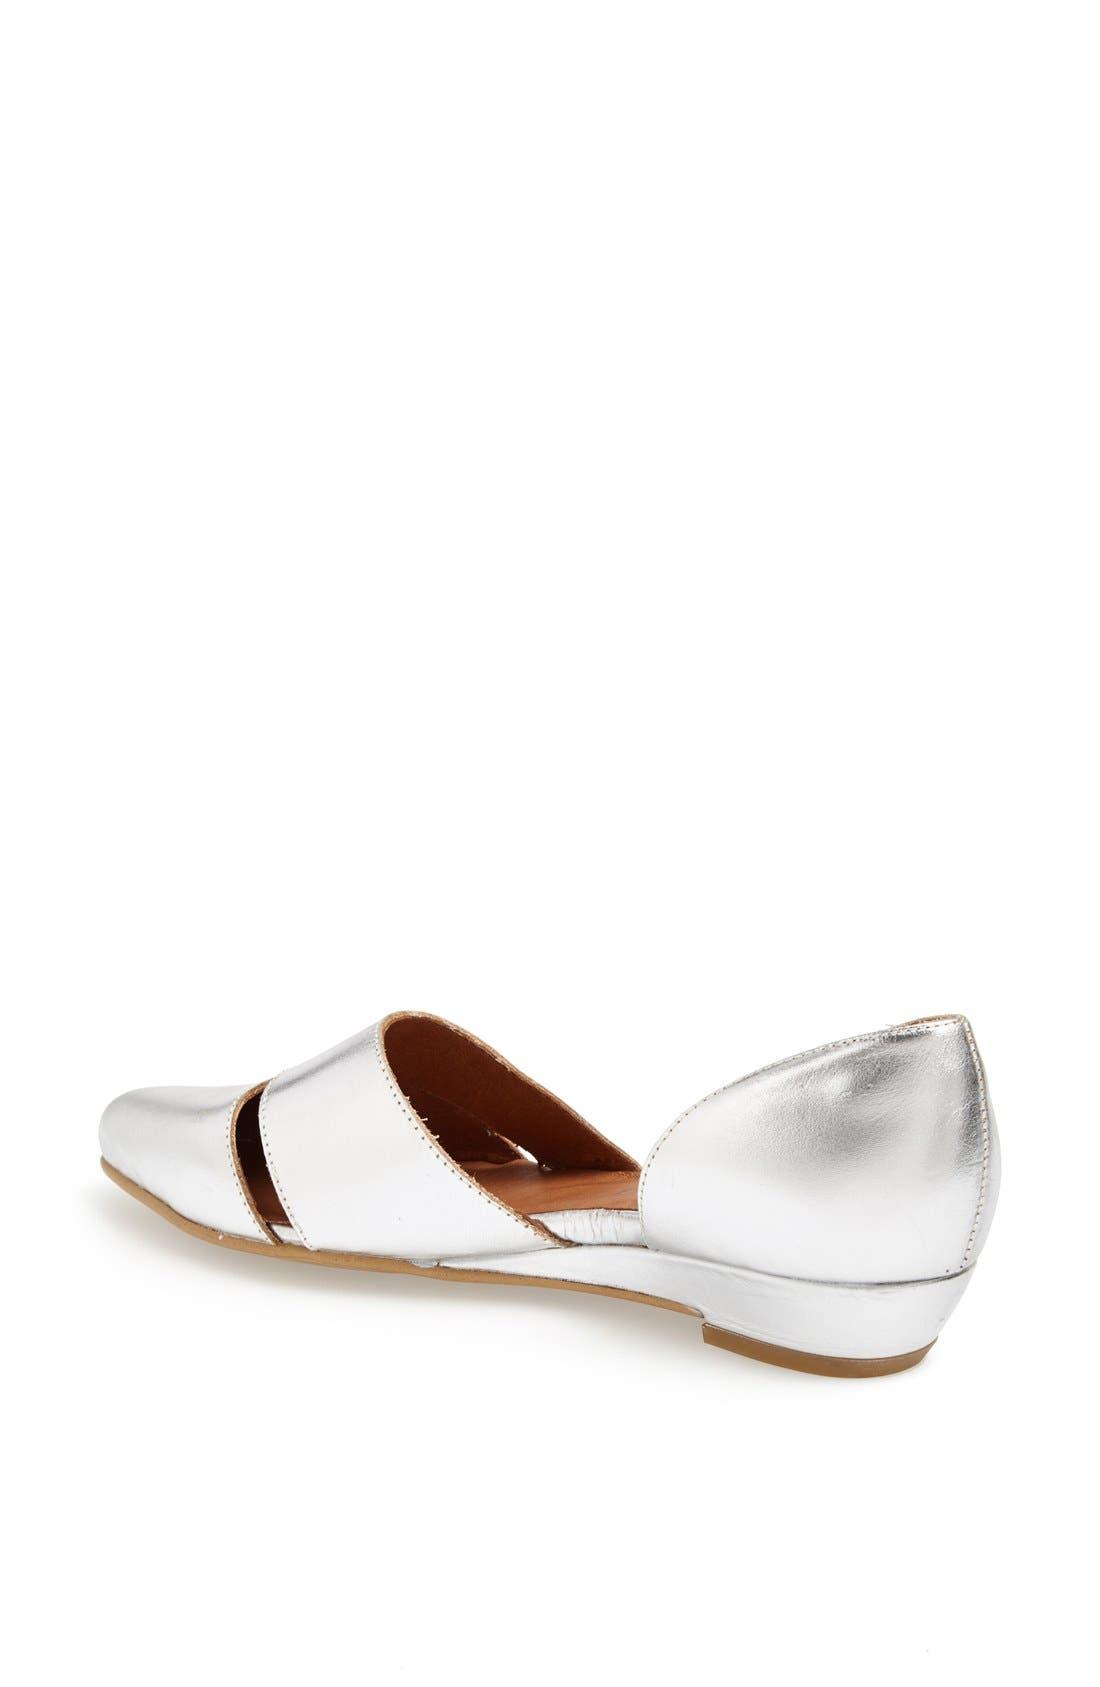 Alternate Image 2  - SIXTYSEVEN 'Erika' Pointy Toe Flat